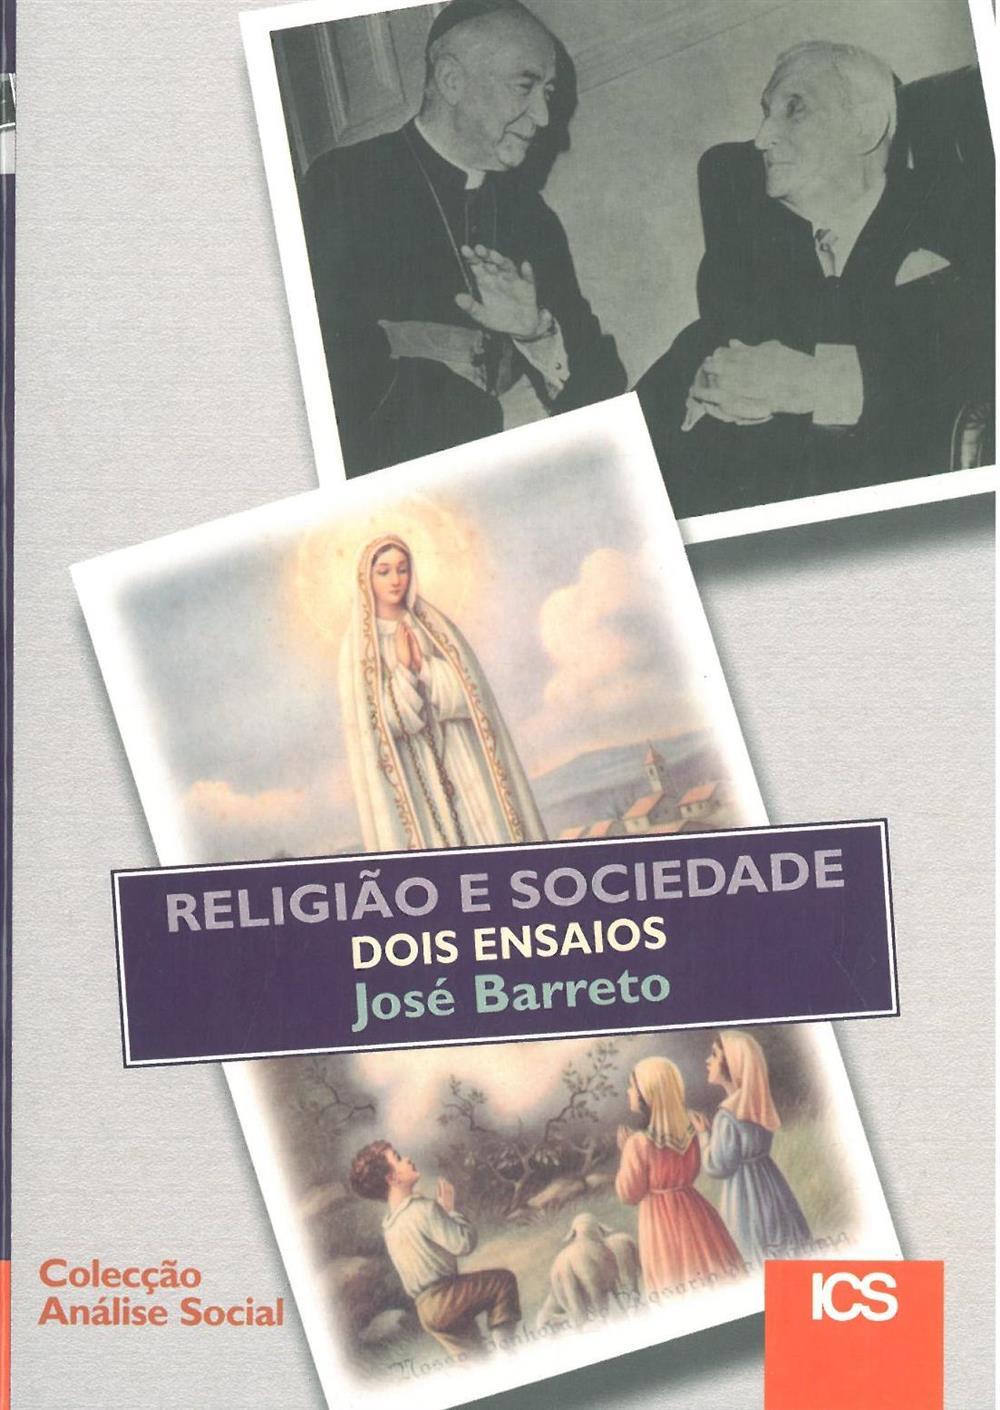 Religião e sociedade_.jpg